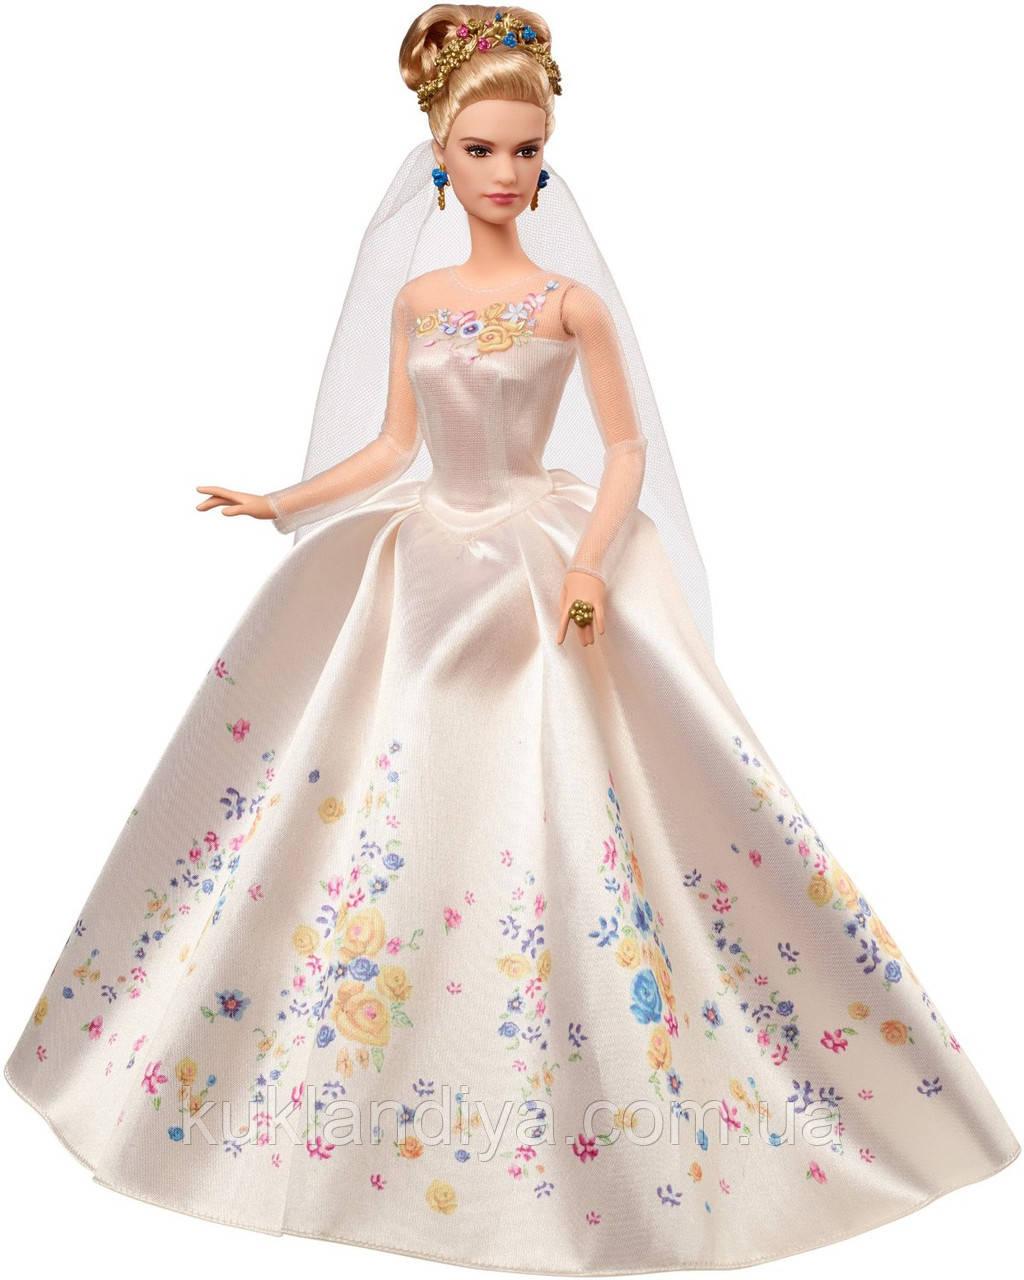 Кукла Disney Золушка в свадебном наряде - Cinderella Wedding Day